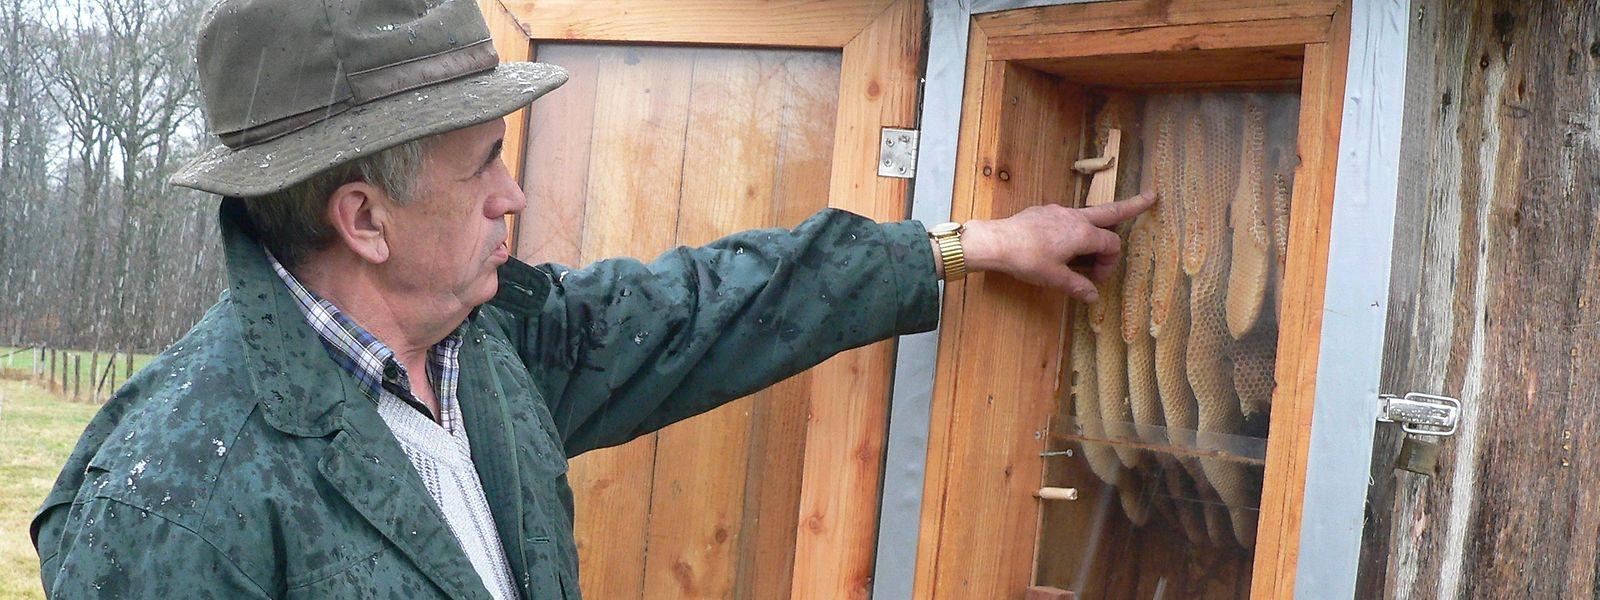 Mich Collette zeigt die nun leeren und zerstörten Naturwaben des Mertziger Bienenhotels.